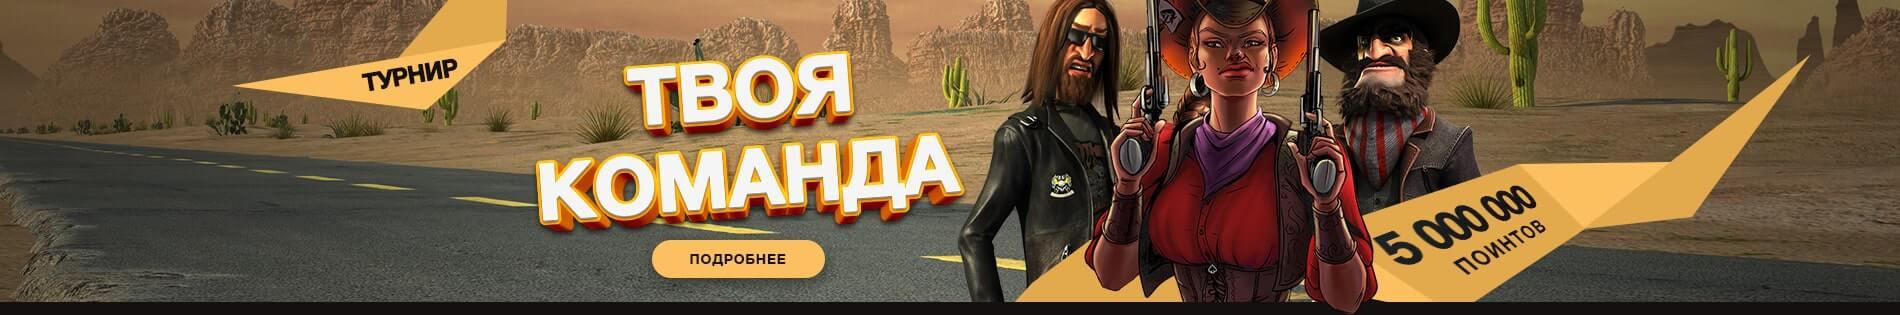 Play fortuna казино онлайн играть бесплатно